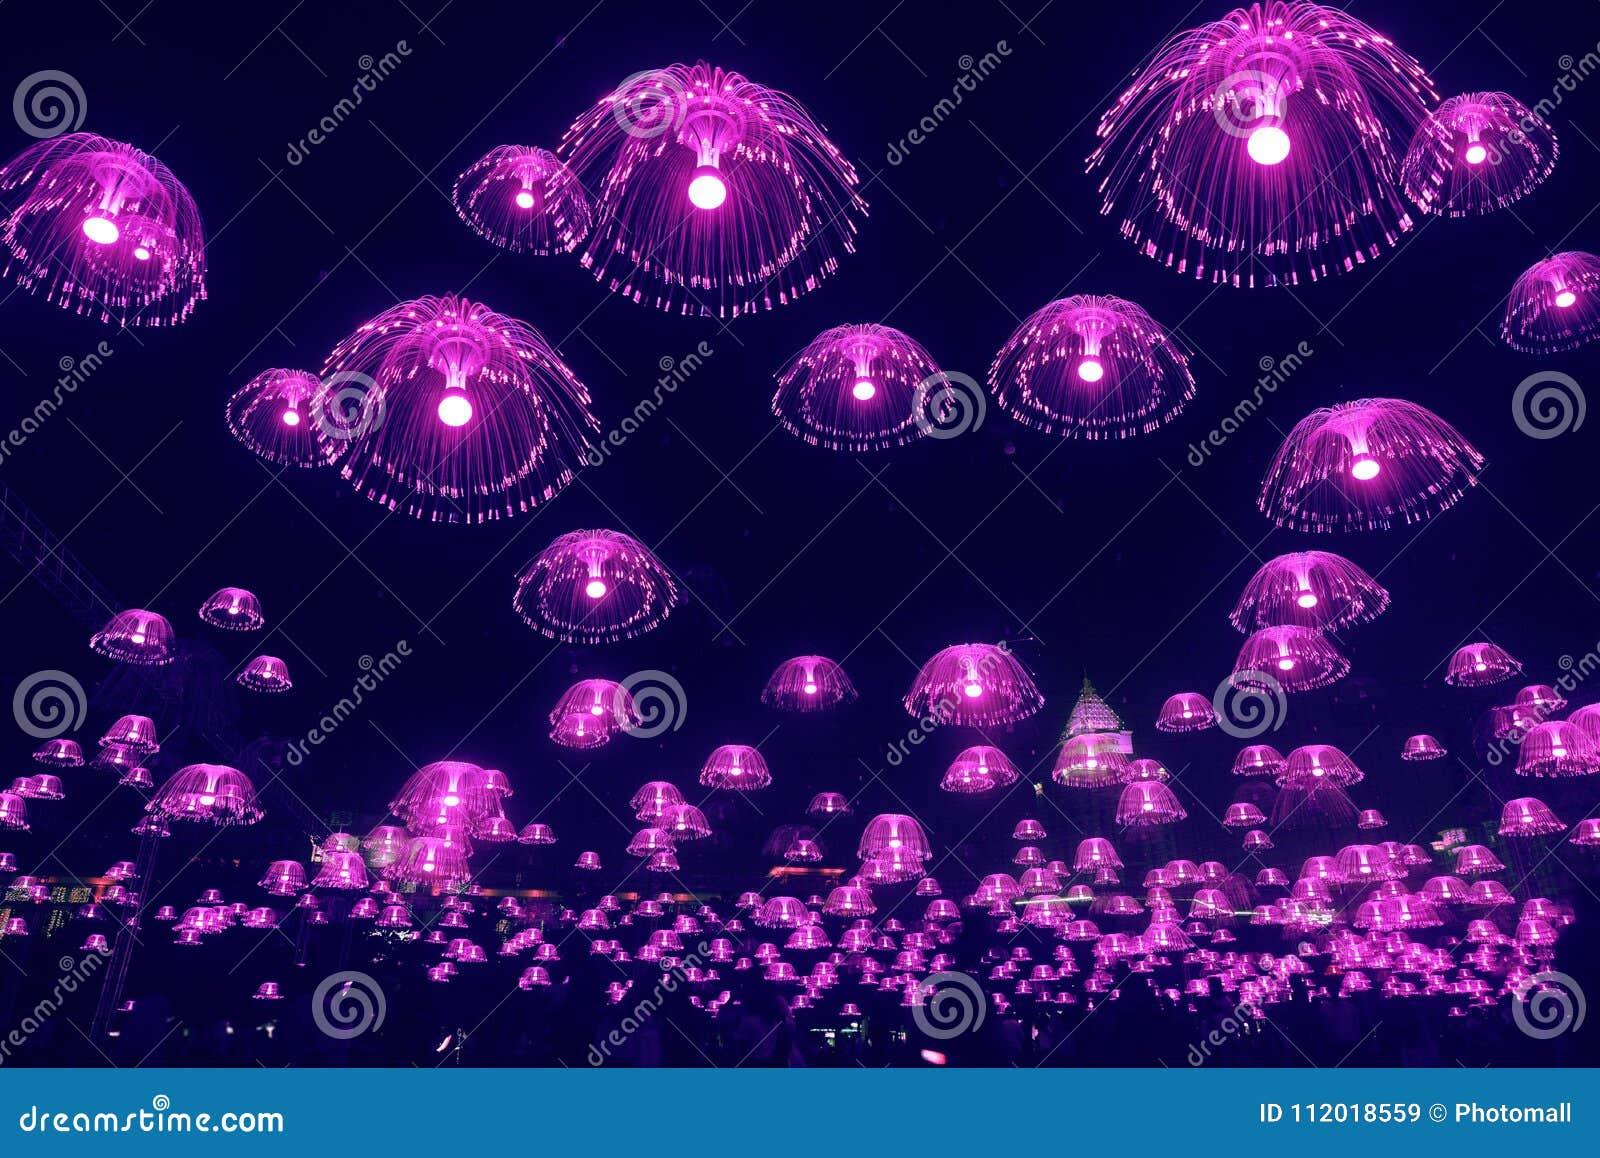 Purpurroter Quallenlichtglanz im nächtlichen Himmel